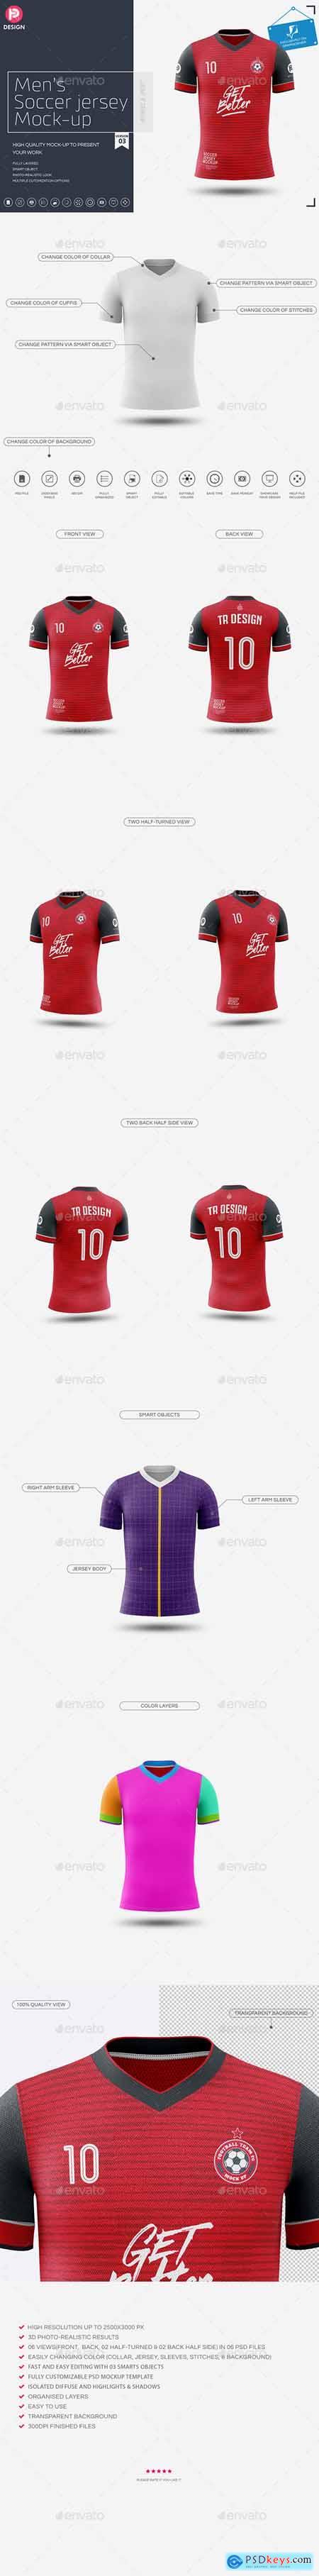 Men's Soccer Jersey Mockup V3 24206939